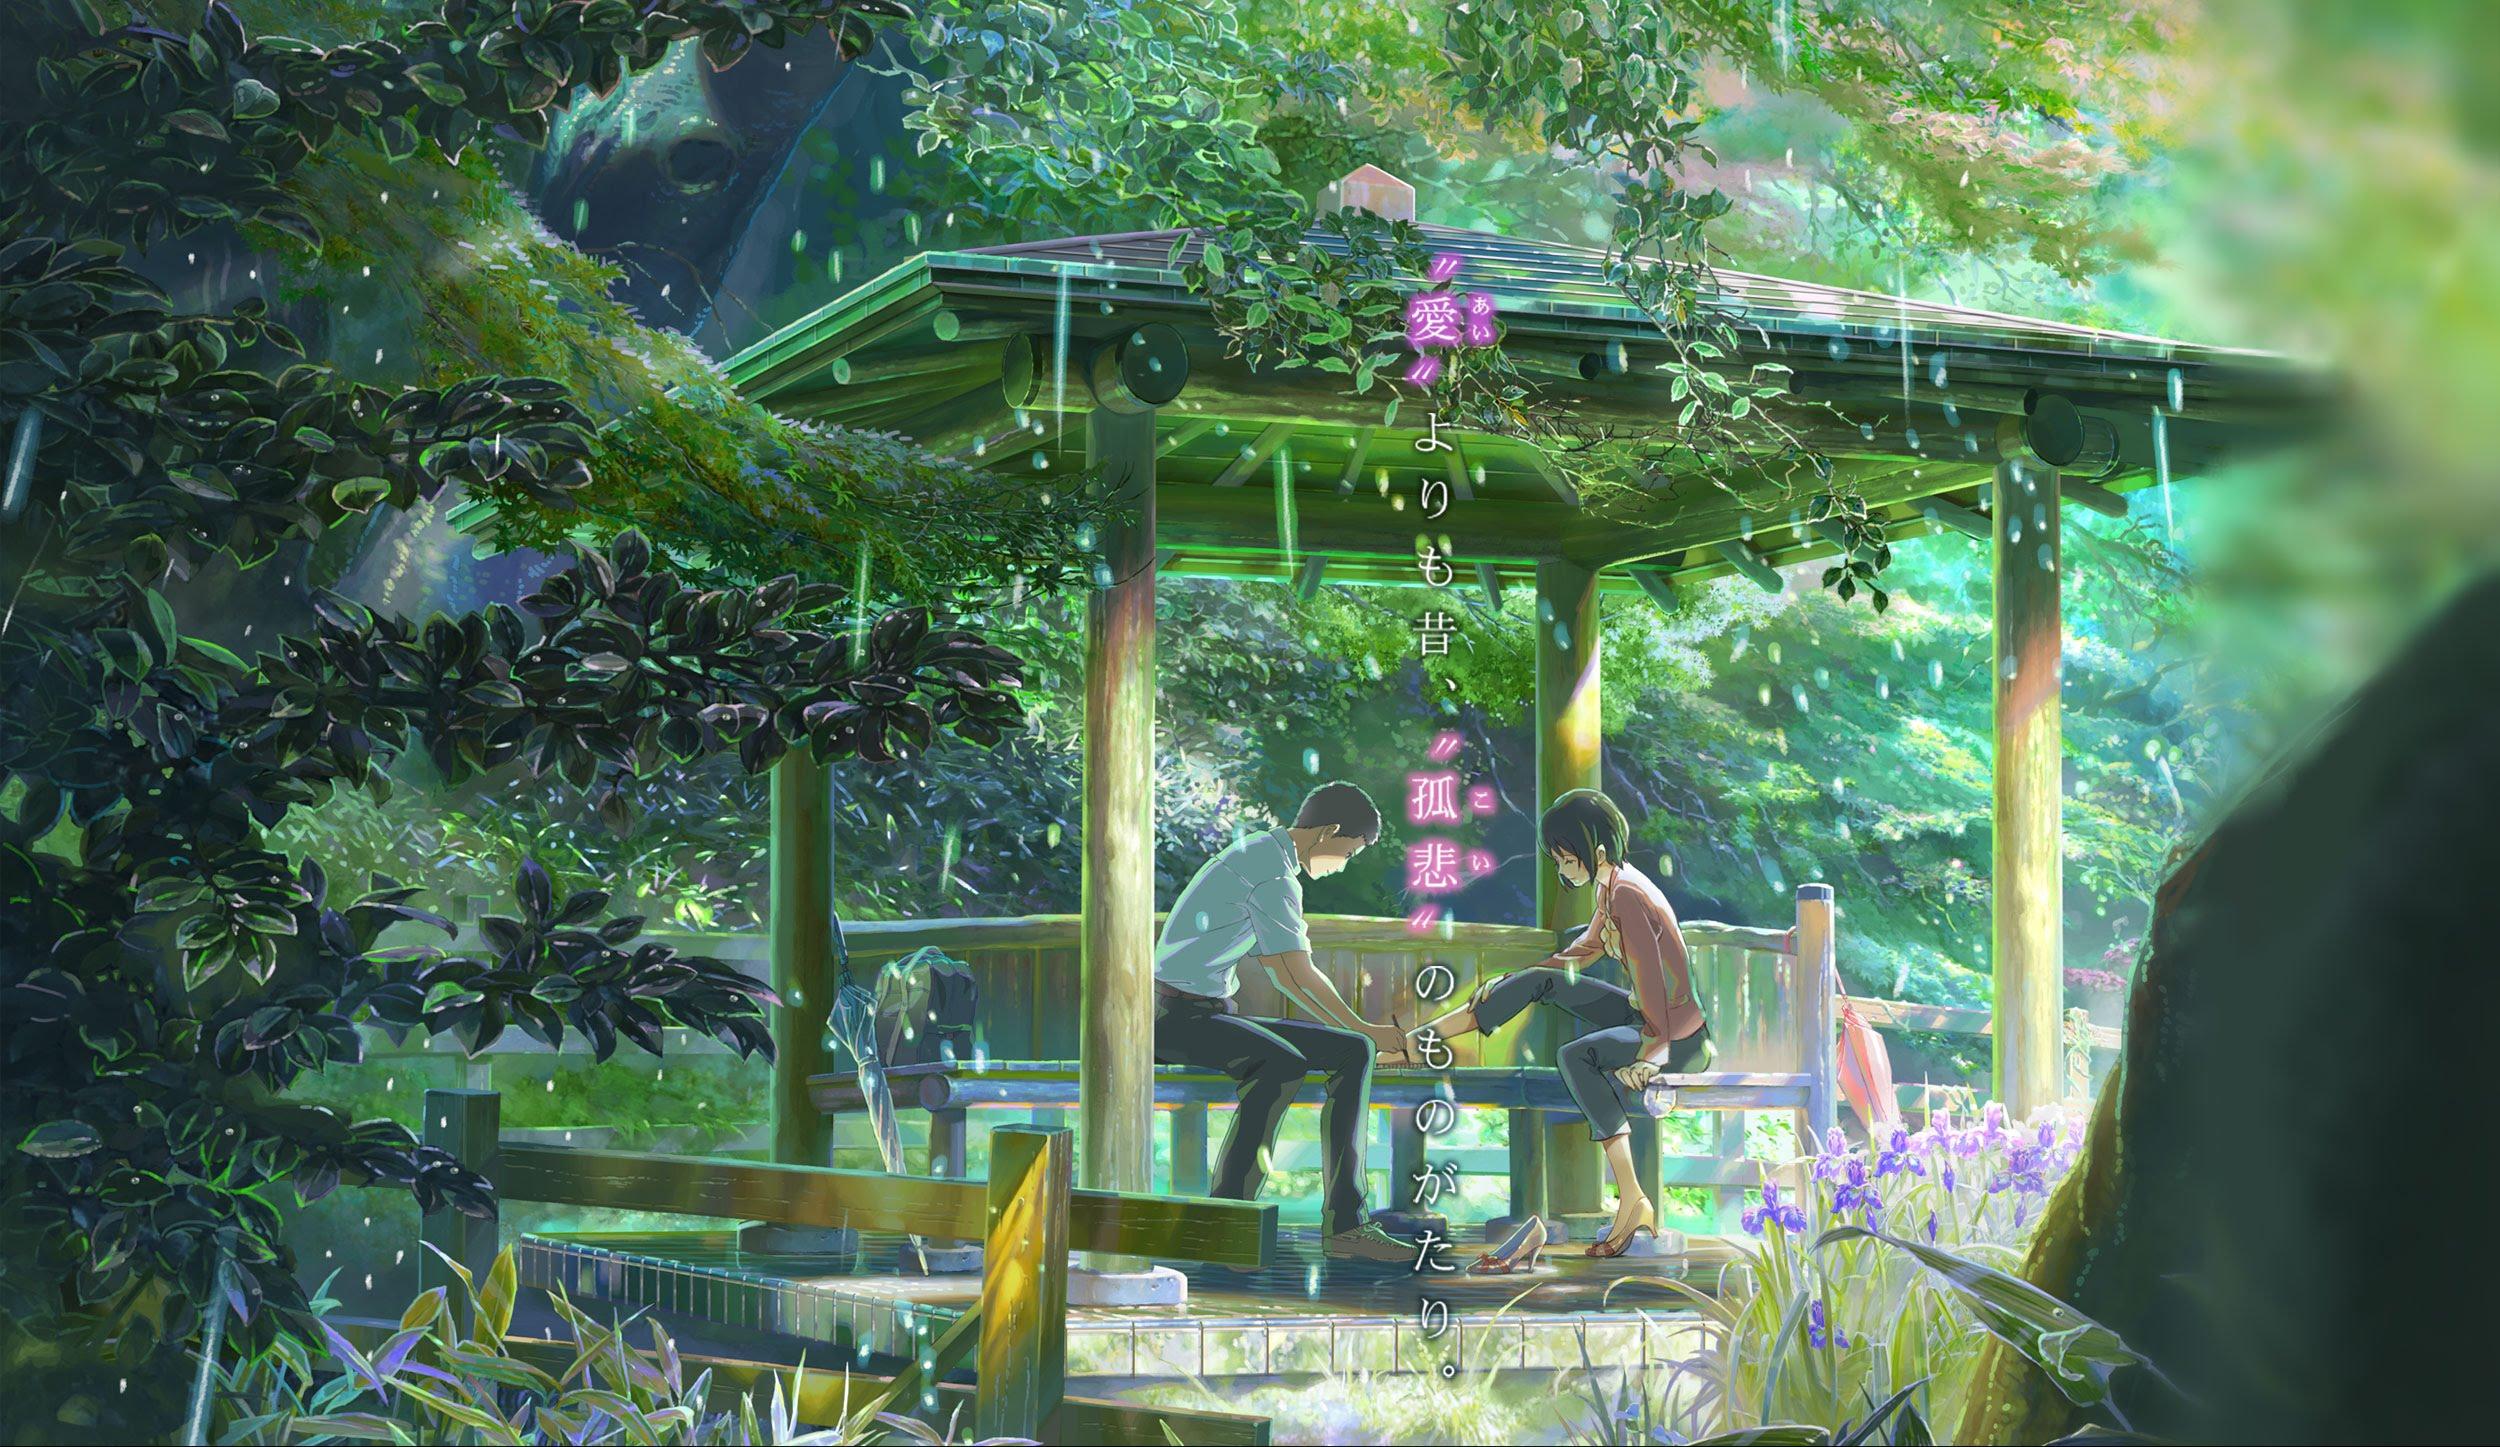 絵がめちゃくちゃきれいすぎる・・・ 「言の葉の庭」 新海誠 (2013年)